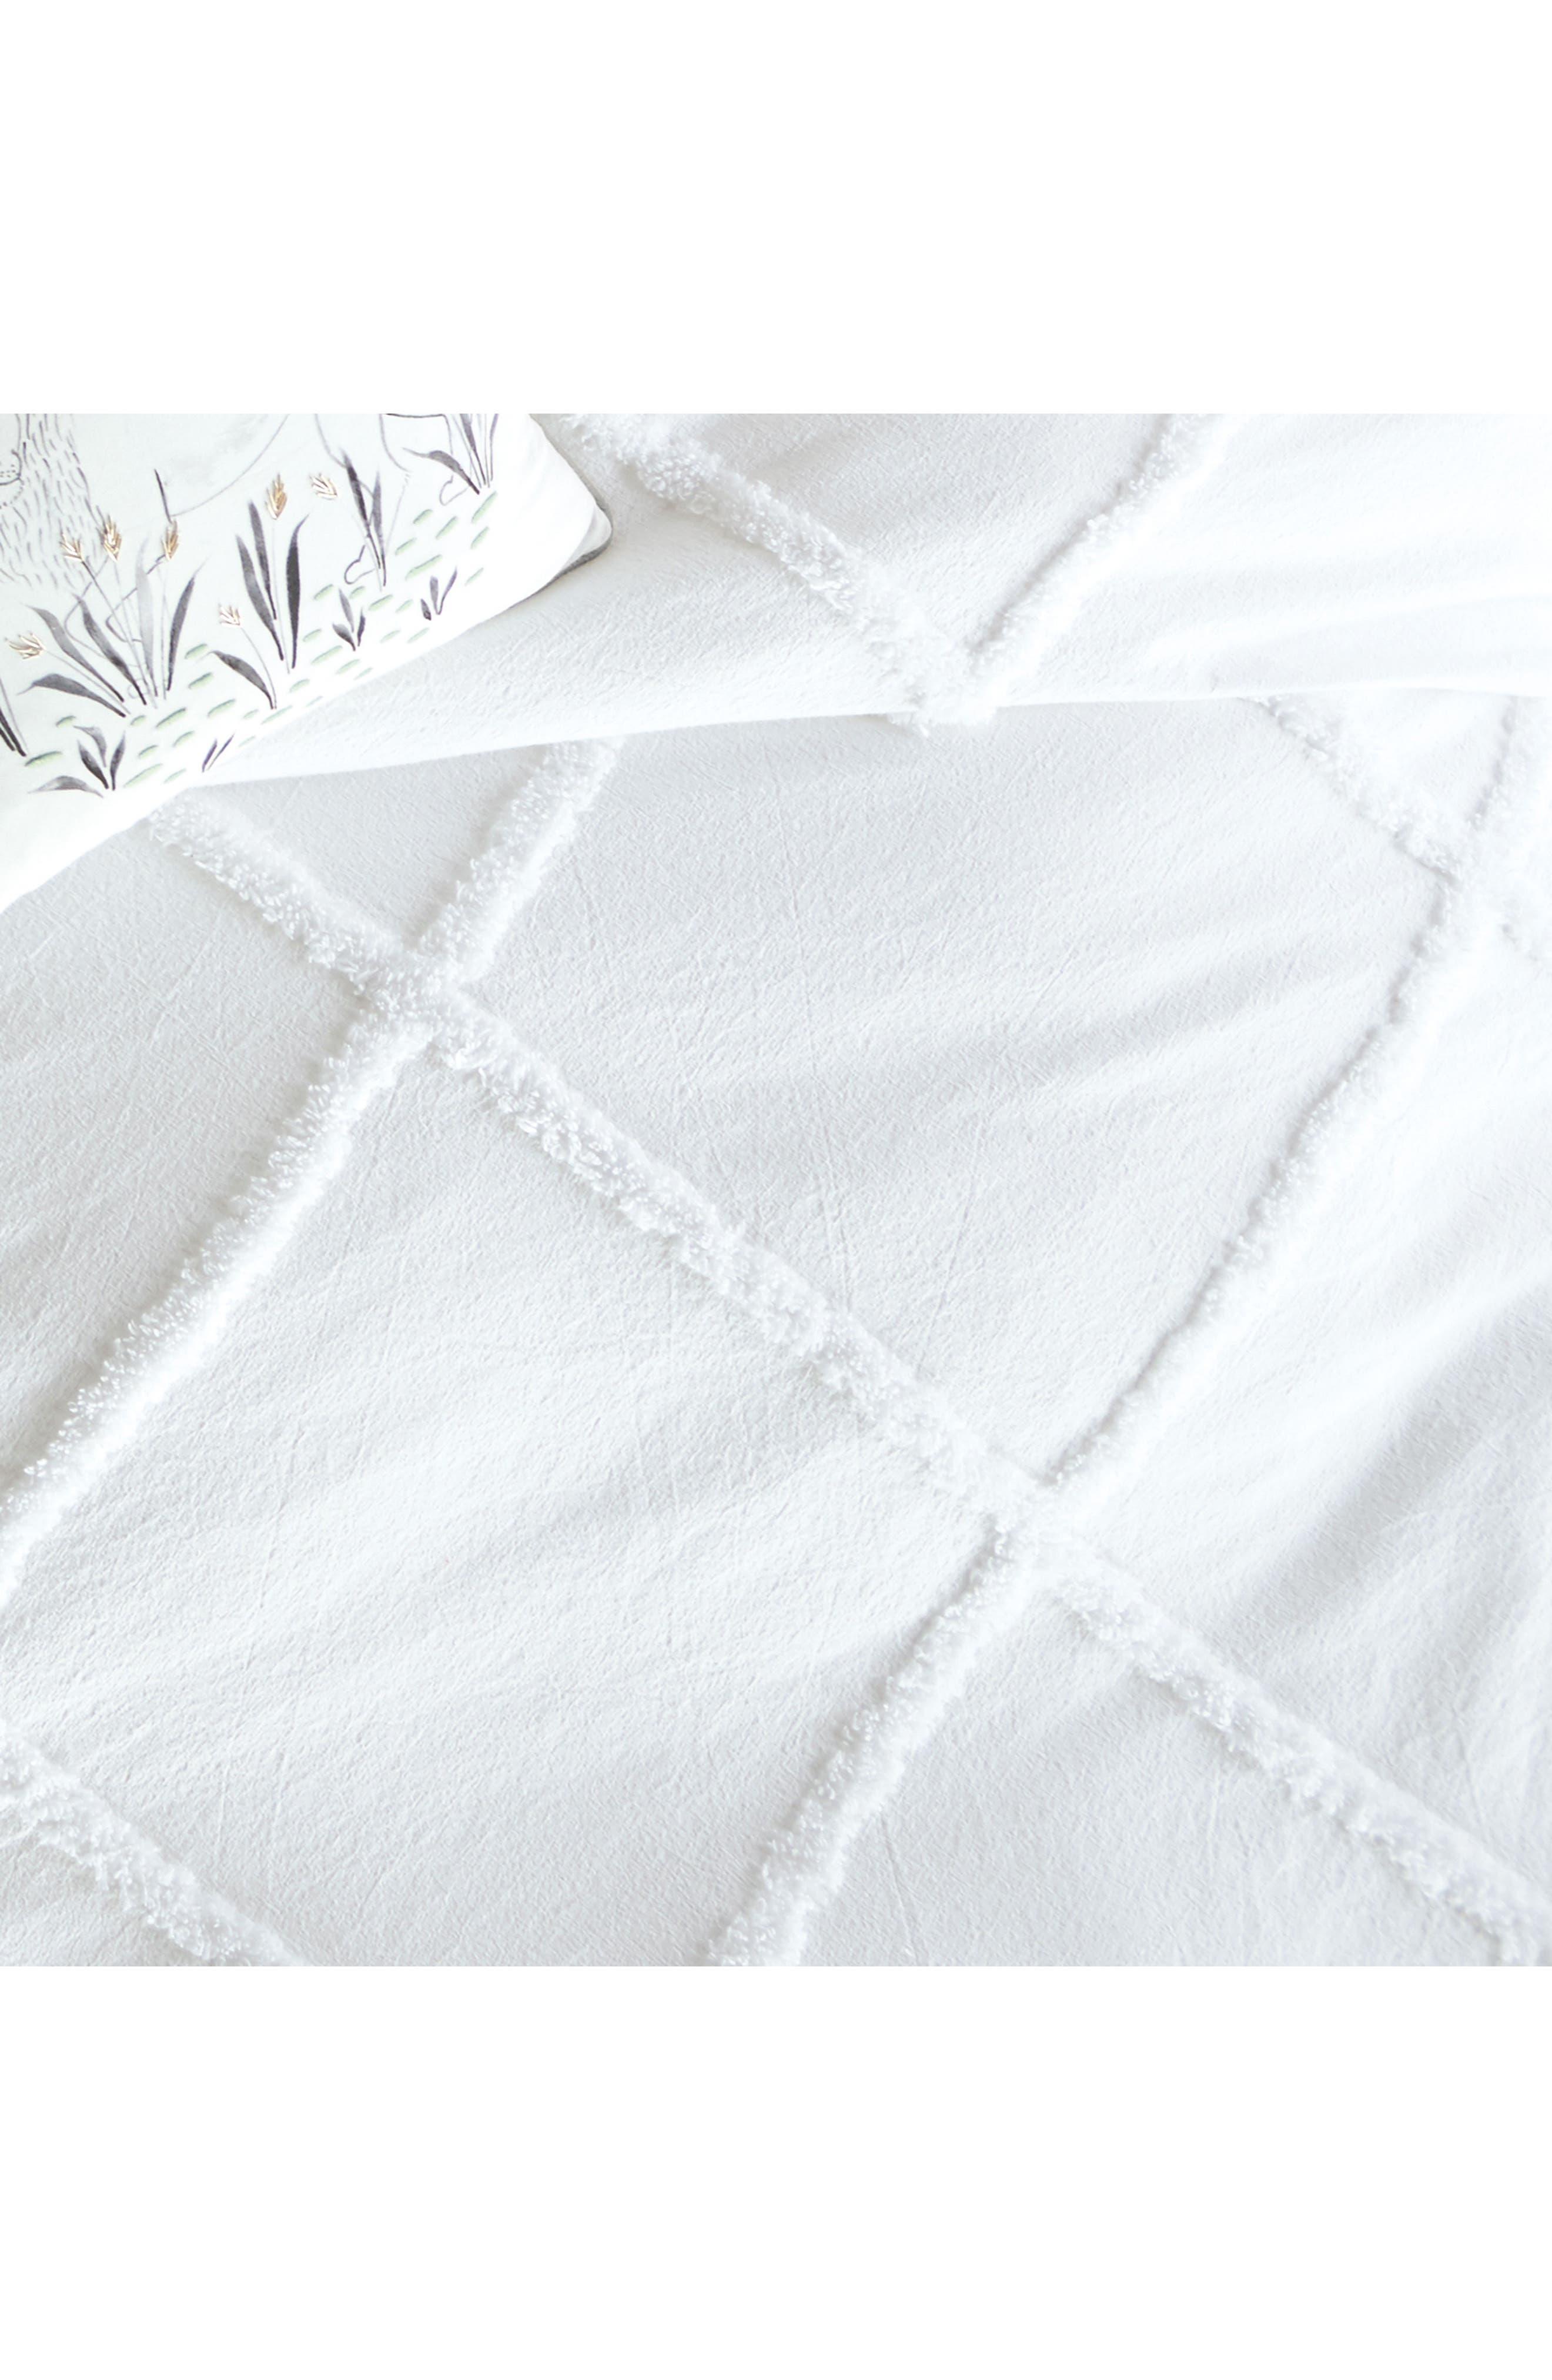 Chenille Lattice Duvet Cover,                             Alternate thumbnail 4, color,                             White